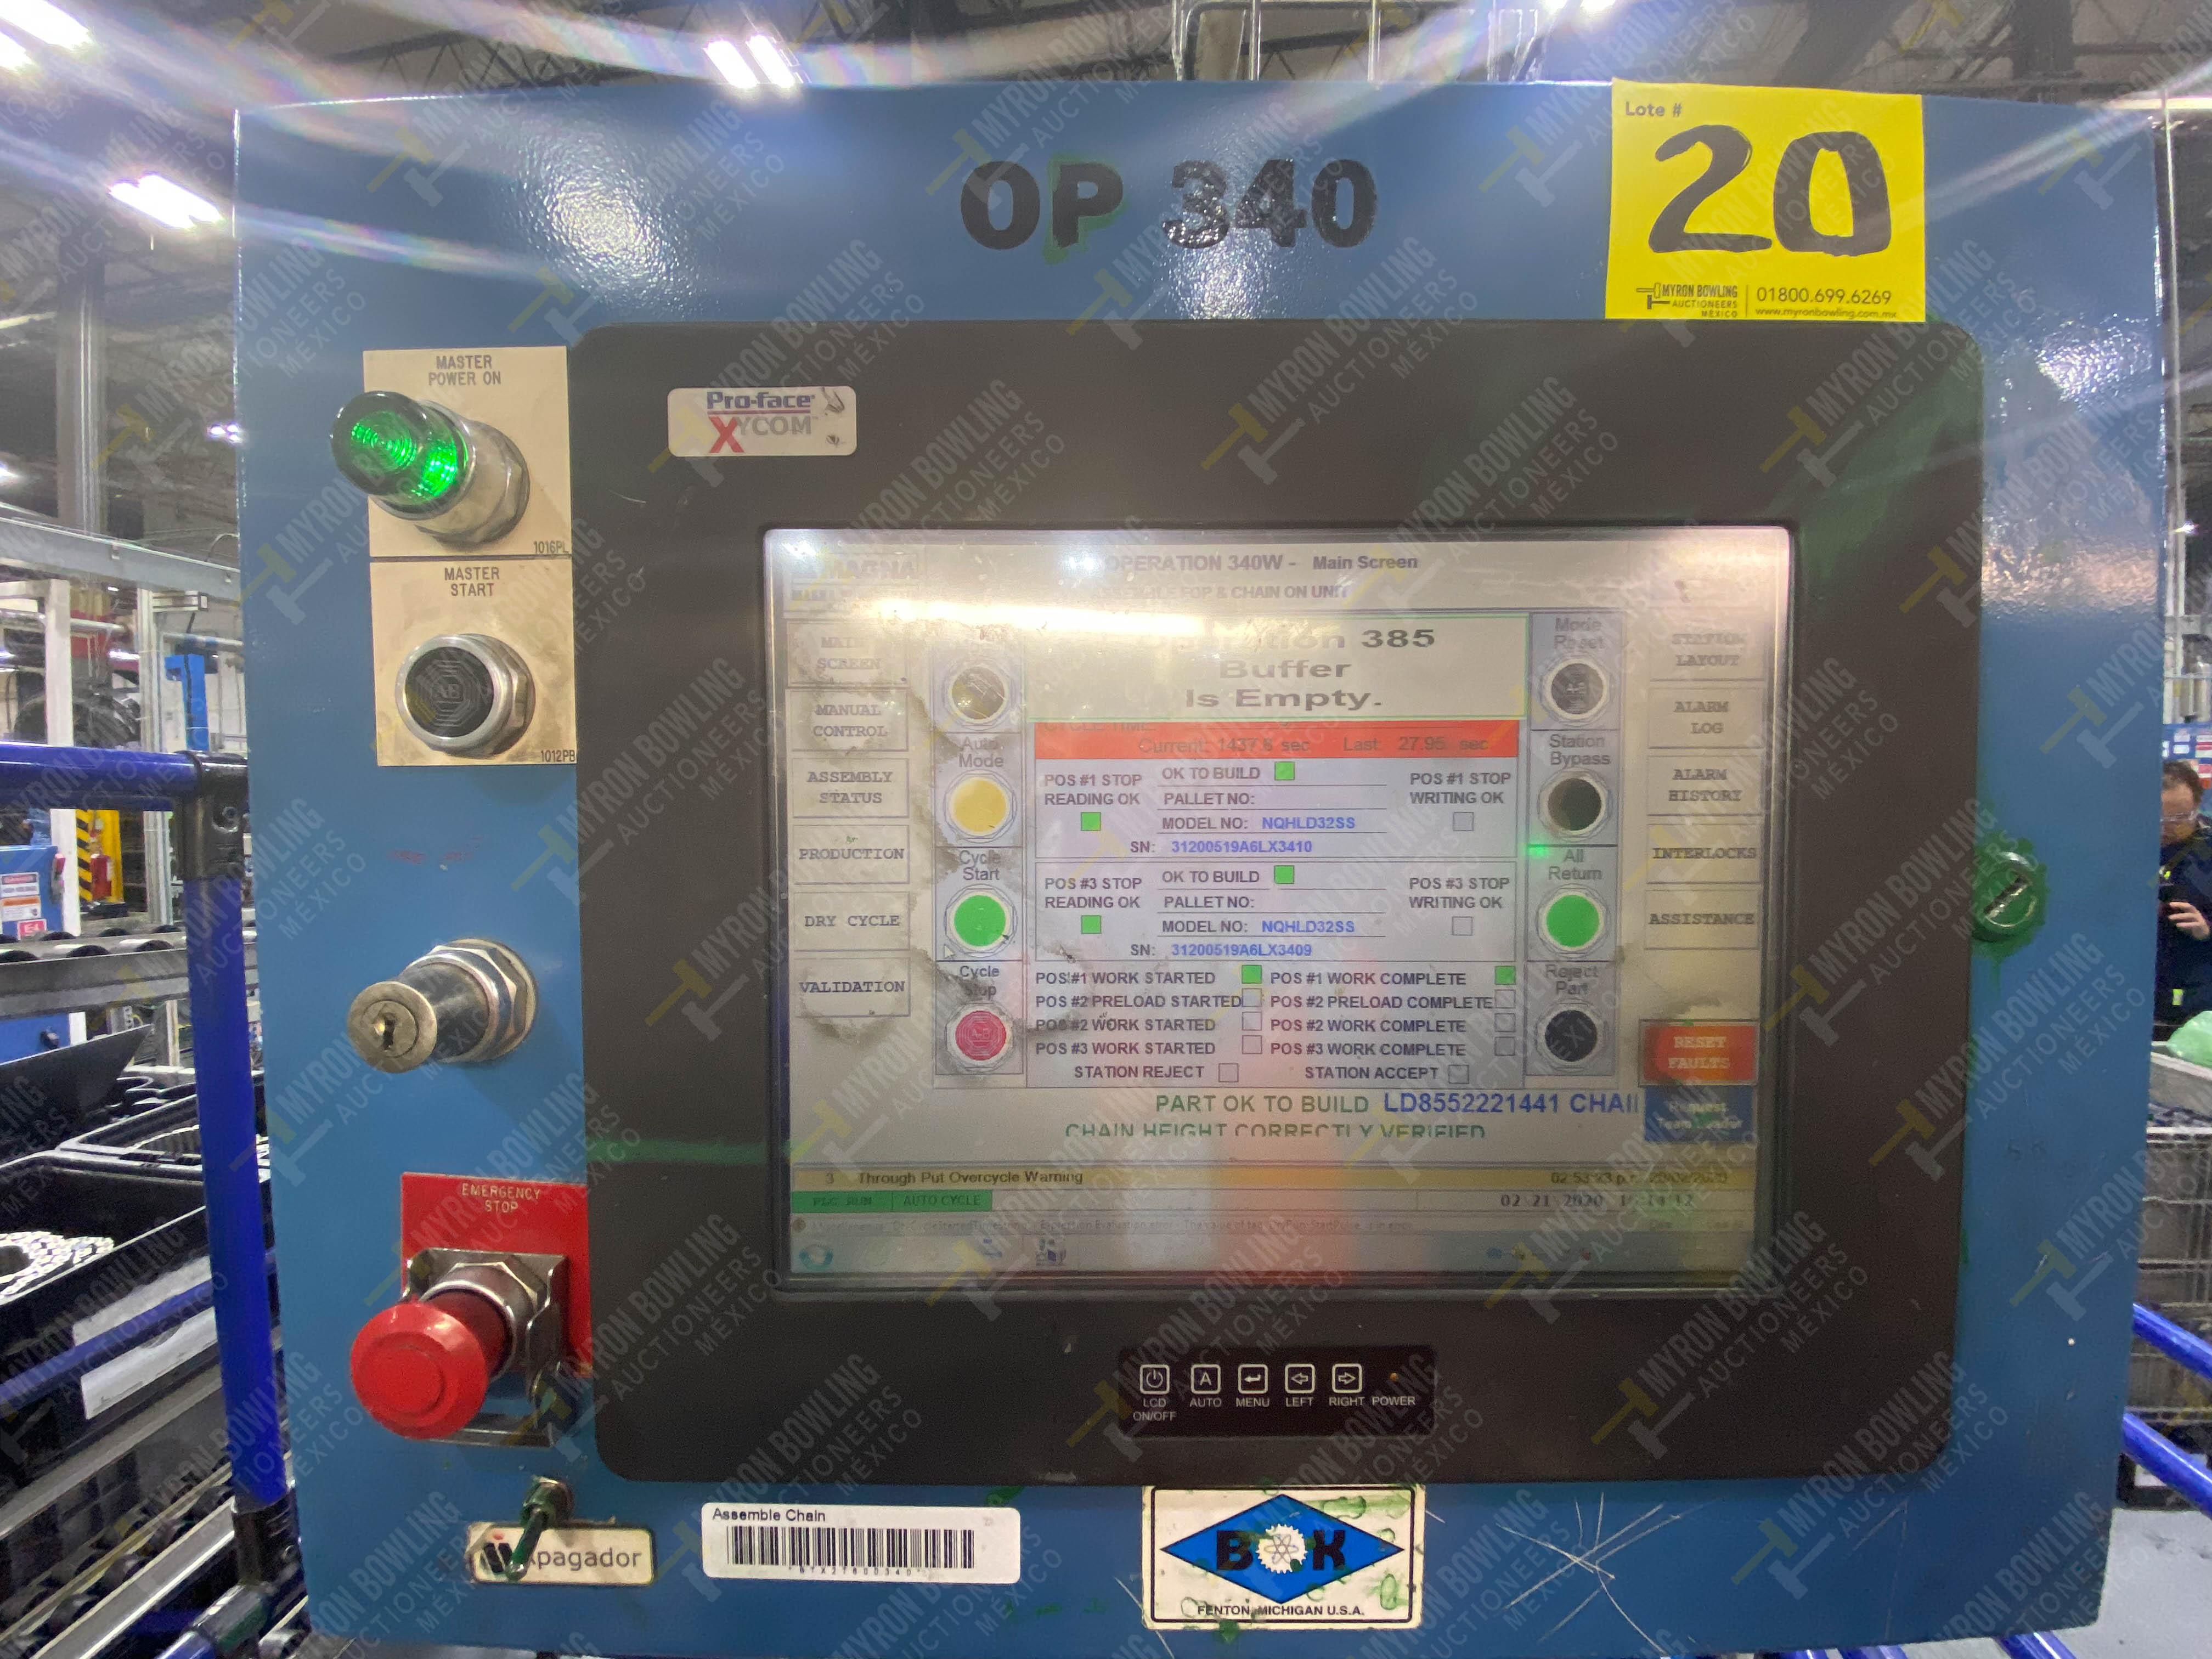 Estación semiautomática para operación 340, contiene: Prensa en estructura de placa de acero - Image 29 of 32